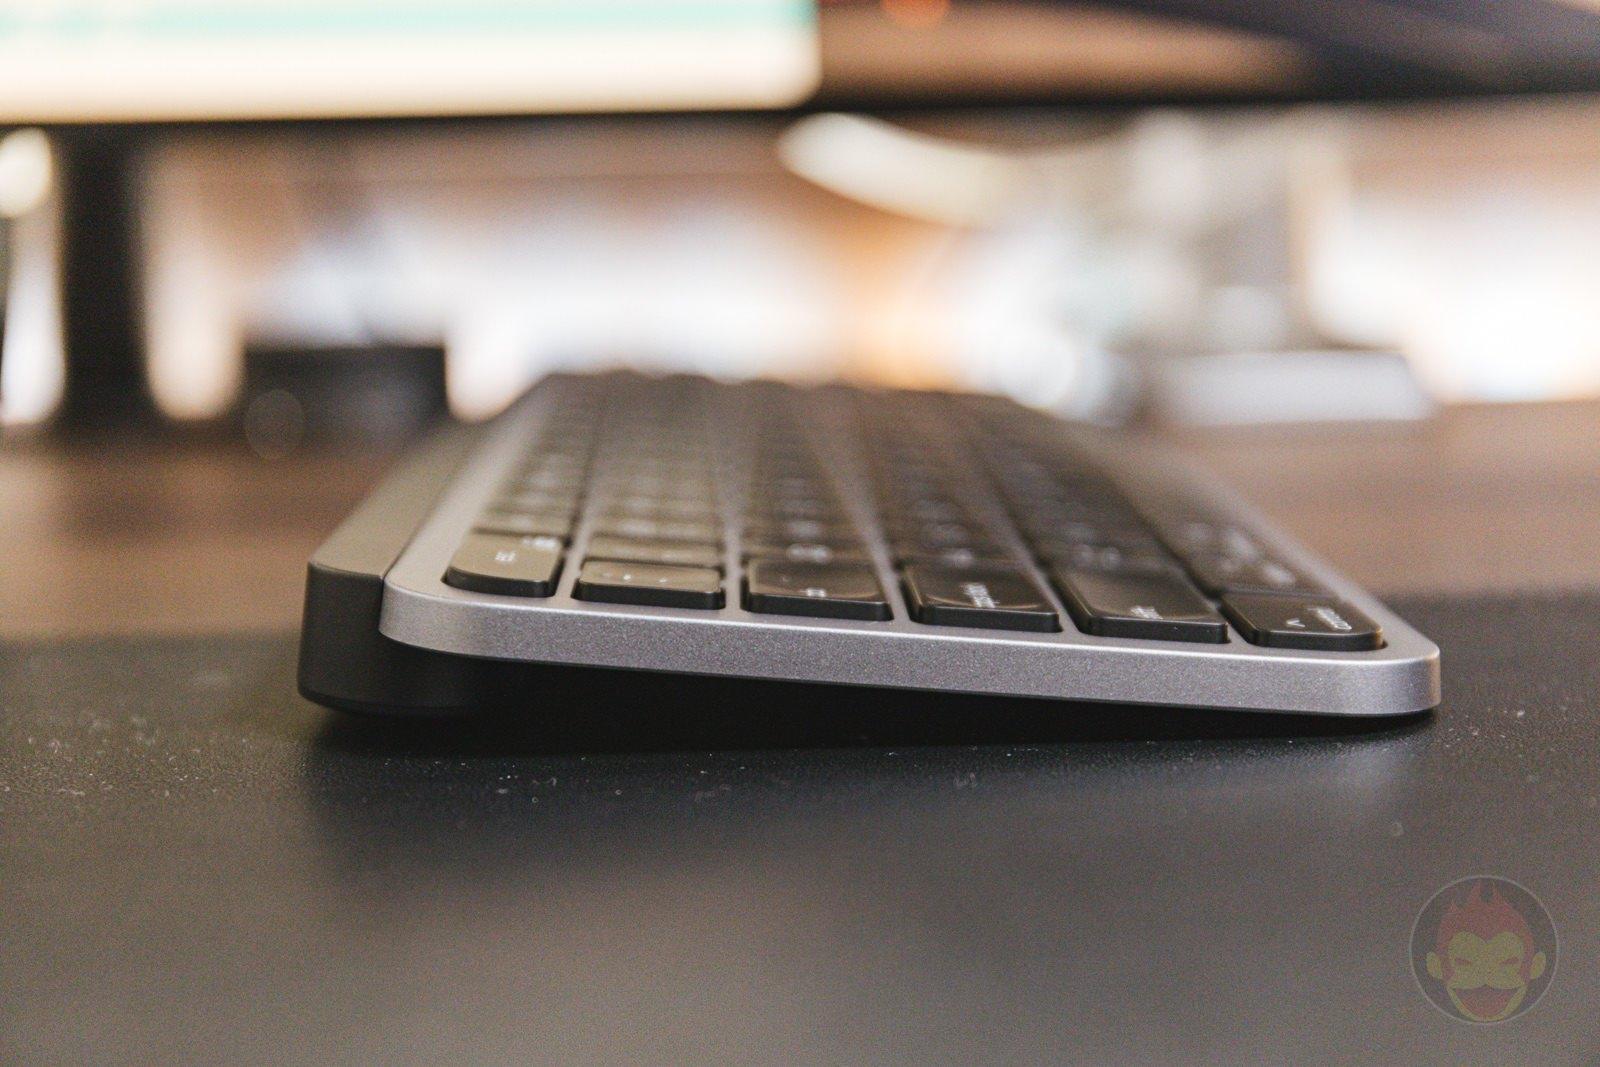 Logicool-KX800M-MX-KEYS-for-Mac-06.jpg